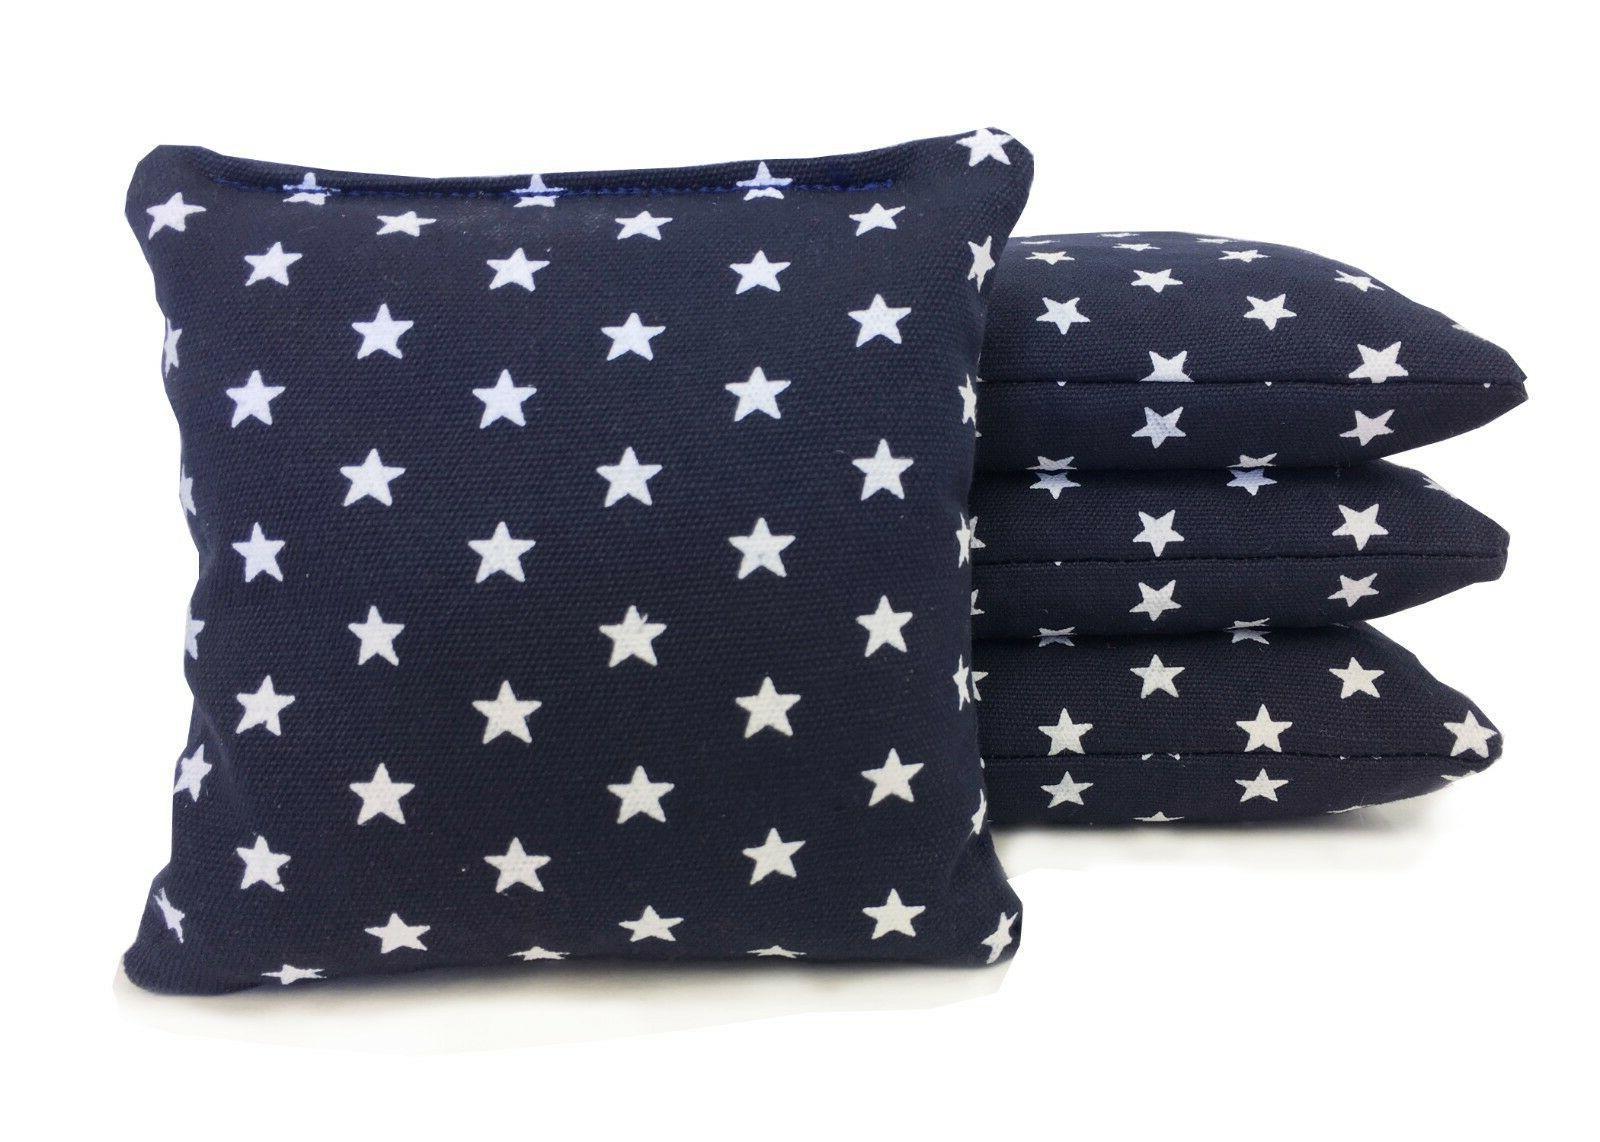 Set Bags Regulation 25 -High - Filled